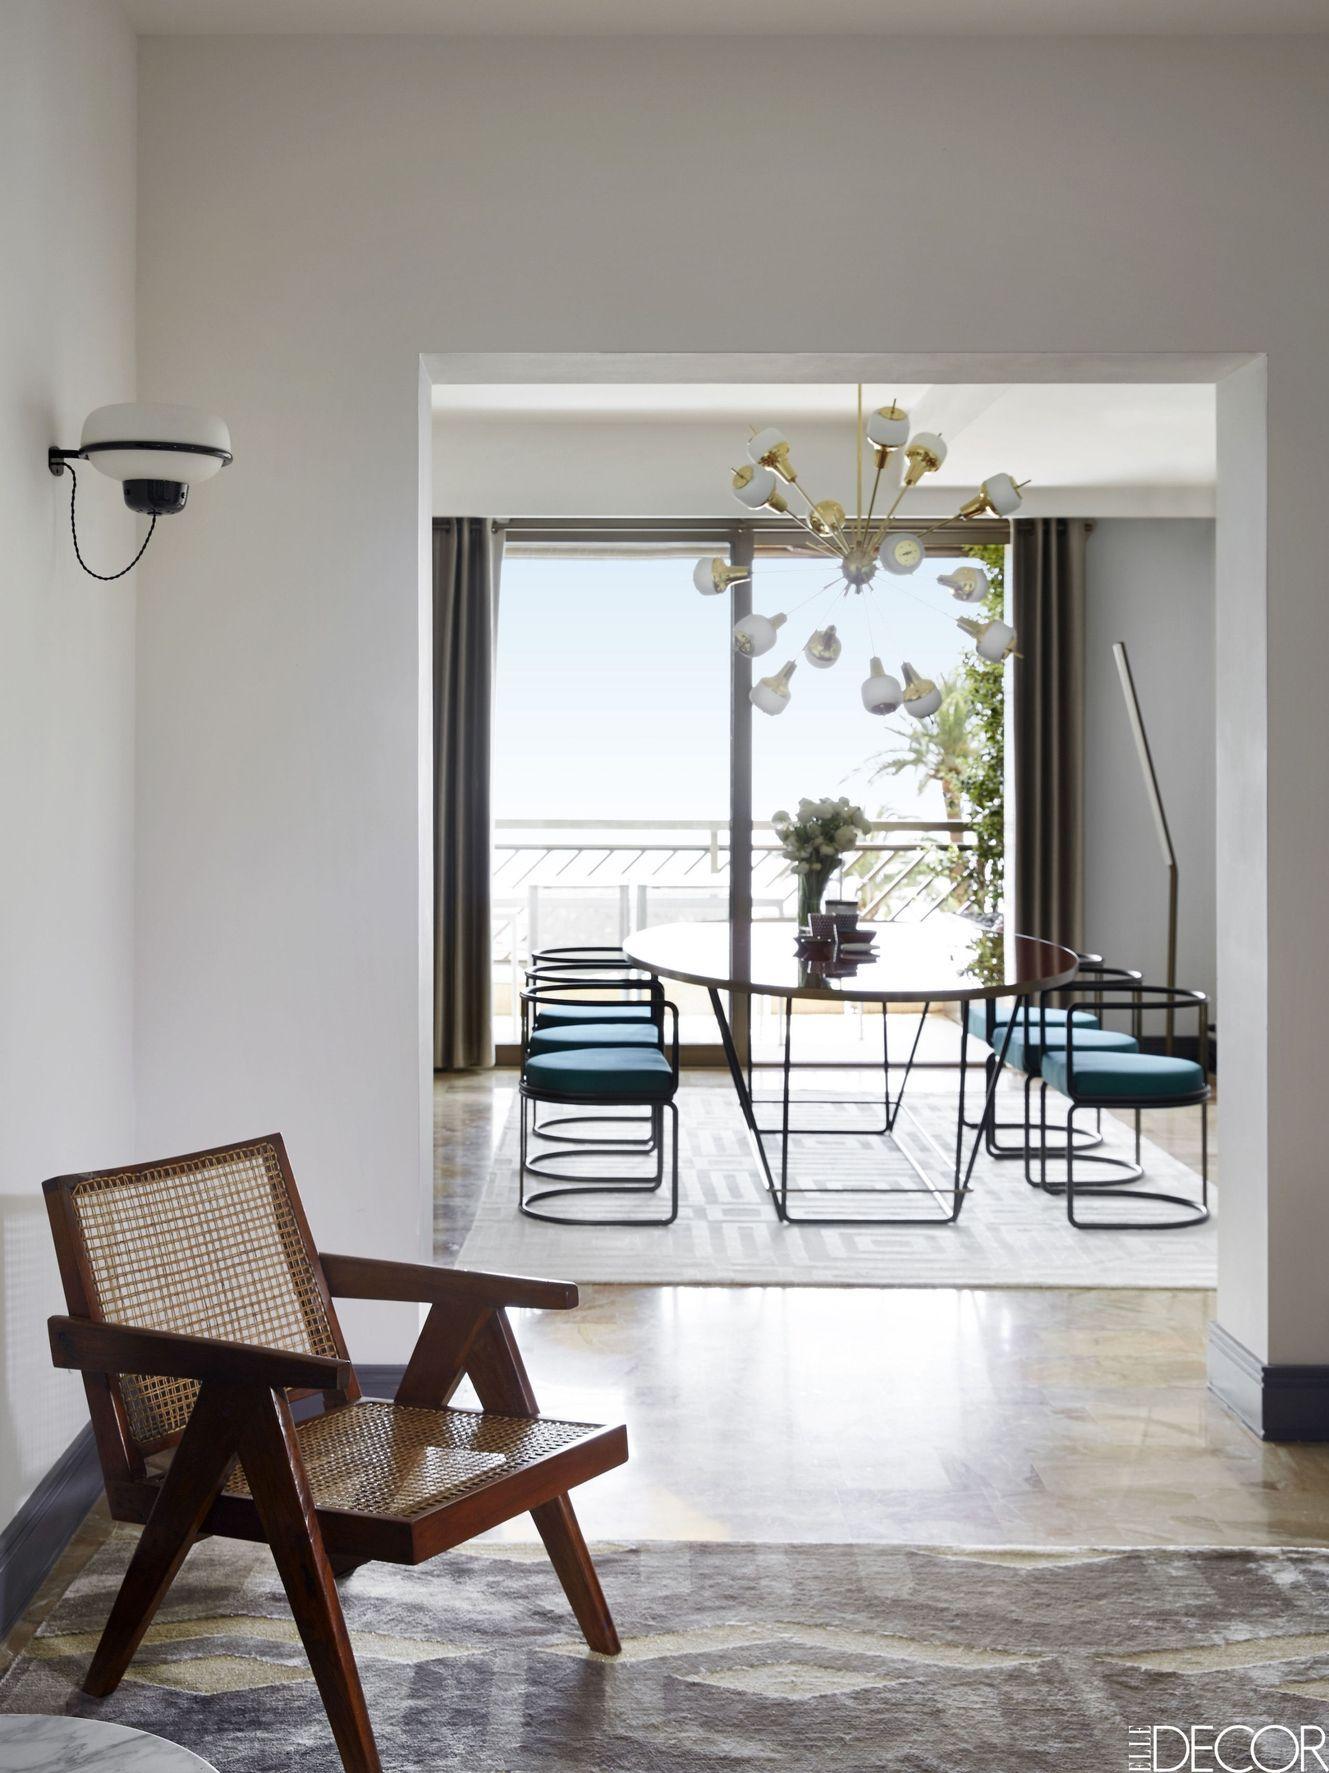 20 Dining Room Light Fixtures - Best Dining Room Lighting Ideas